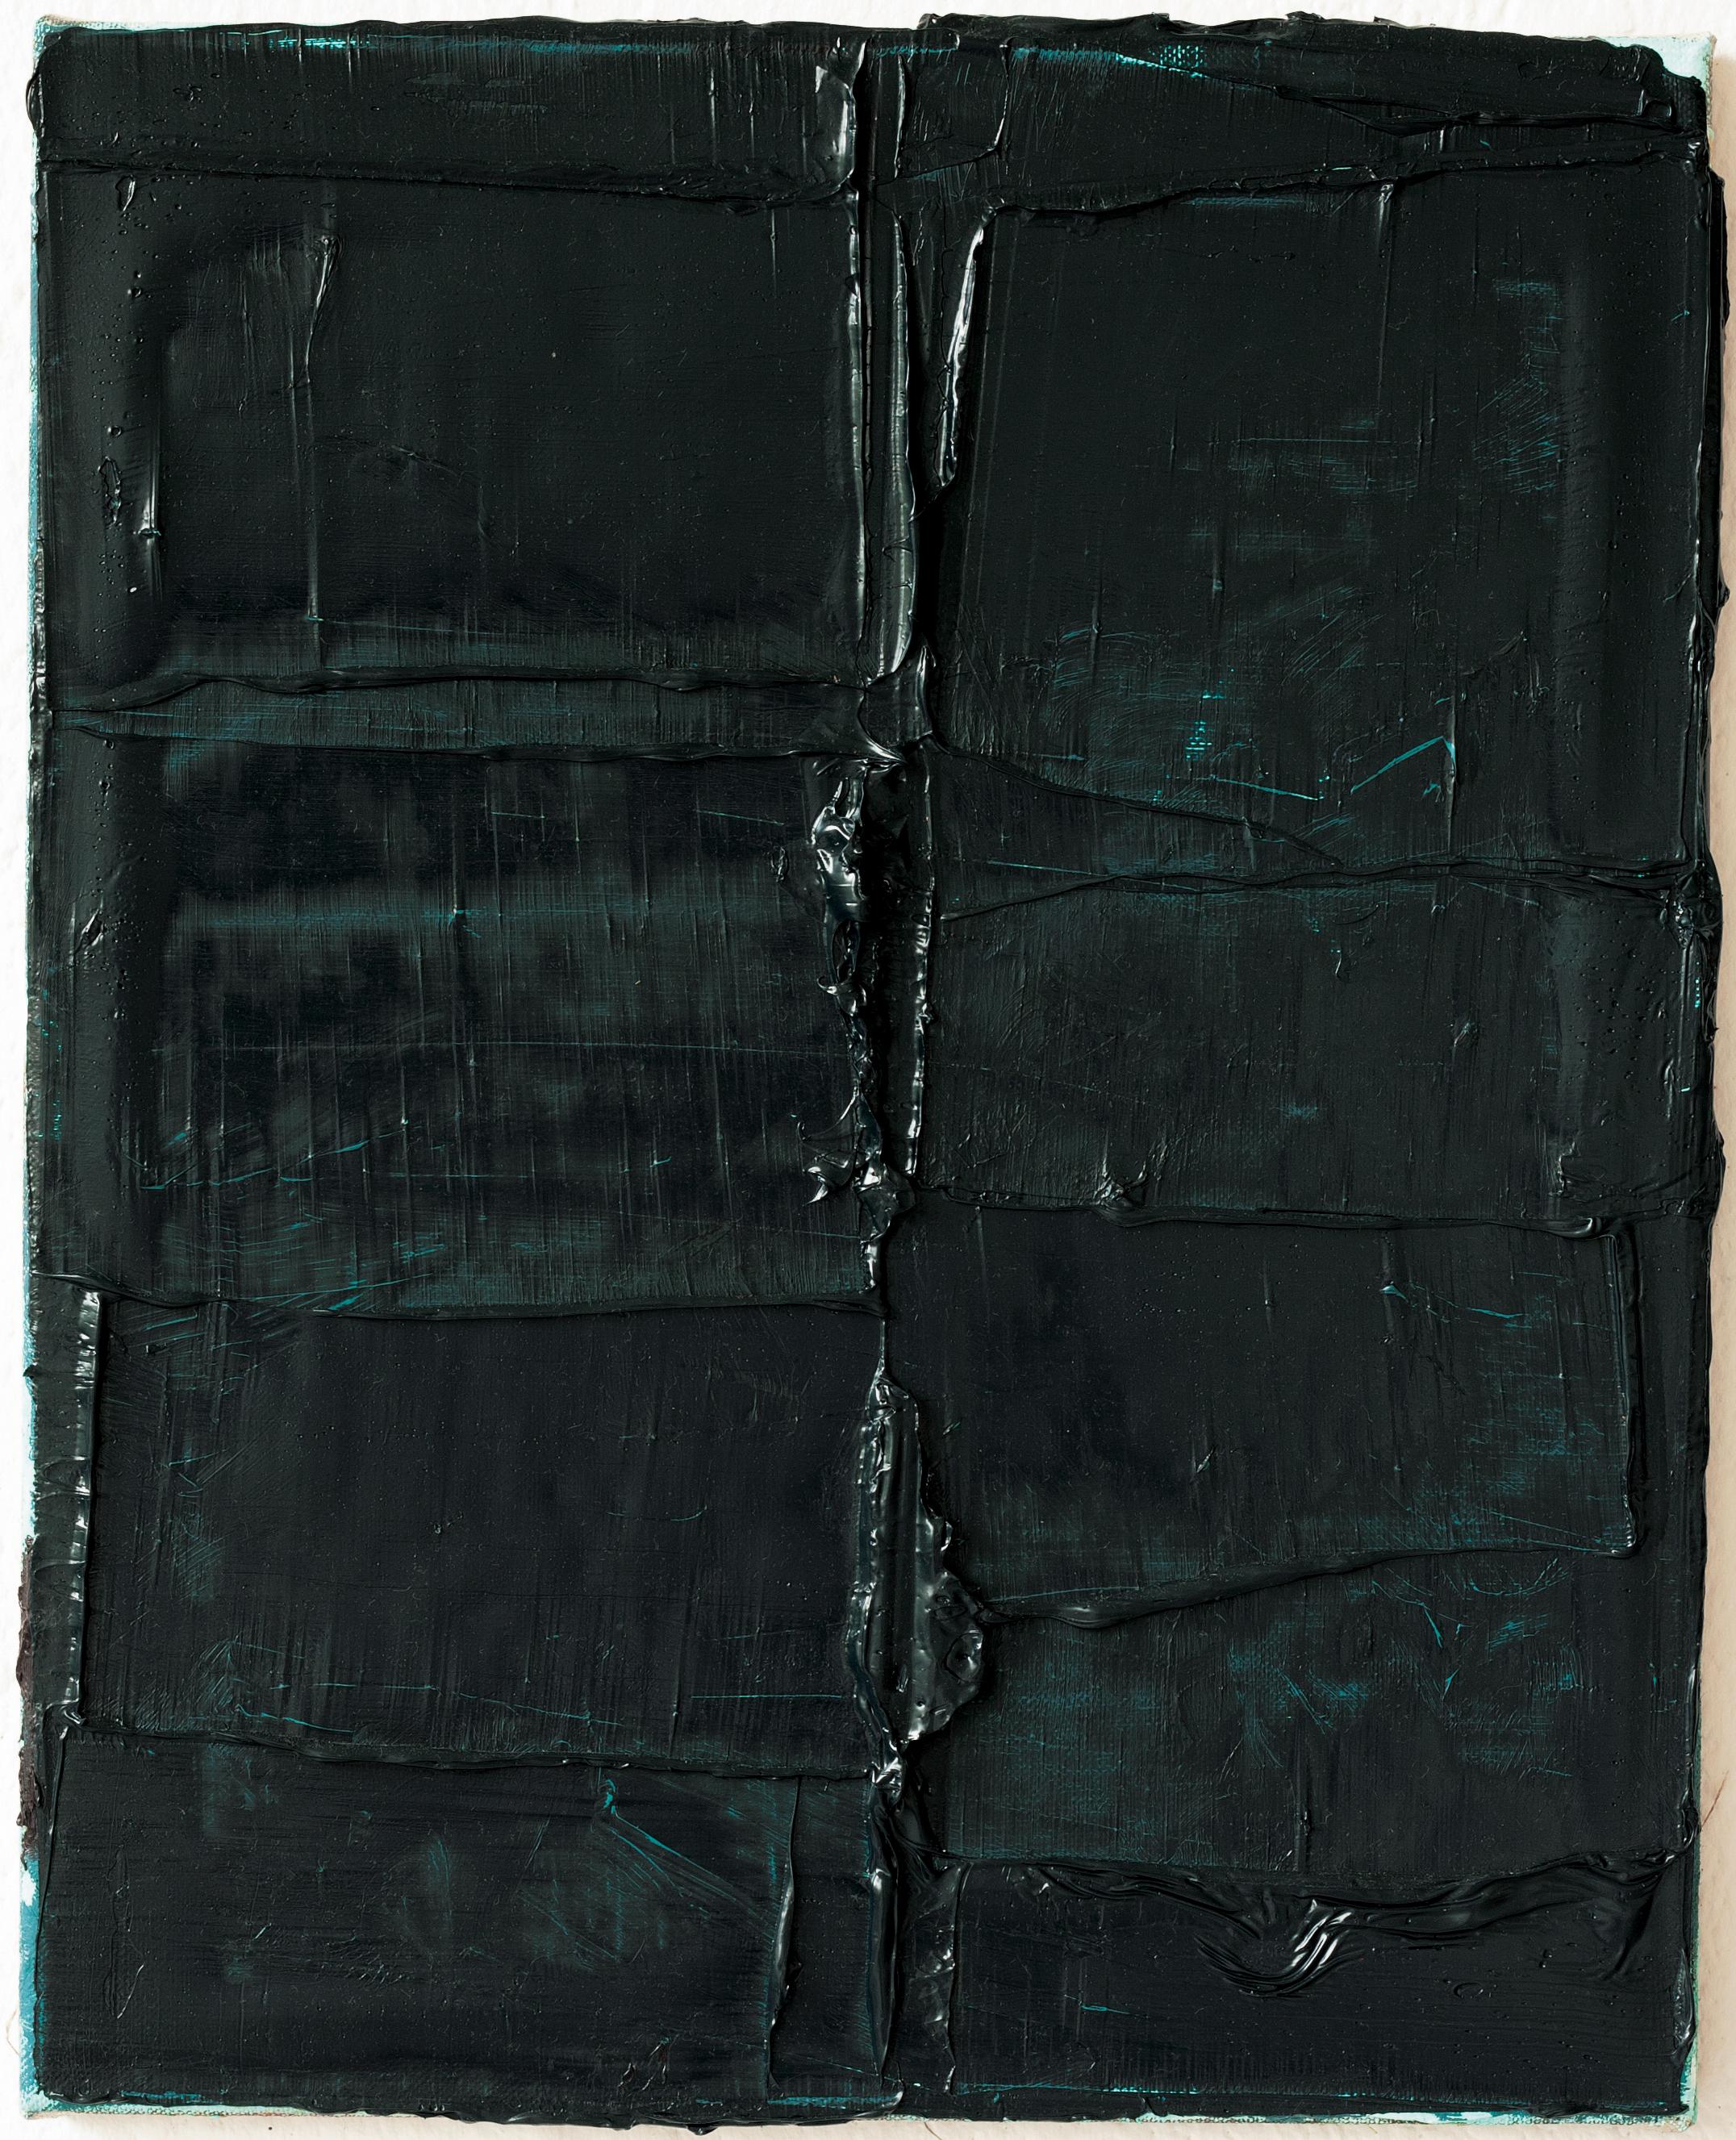 Felix Becker_untitled (Vertebra 15)_2019_oil on linen_50 x 40 cm